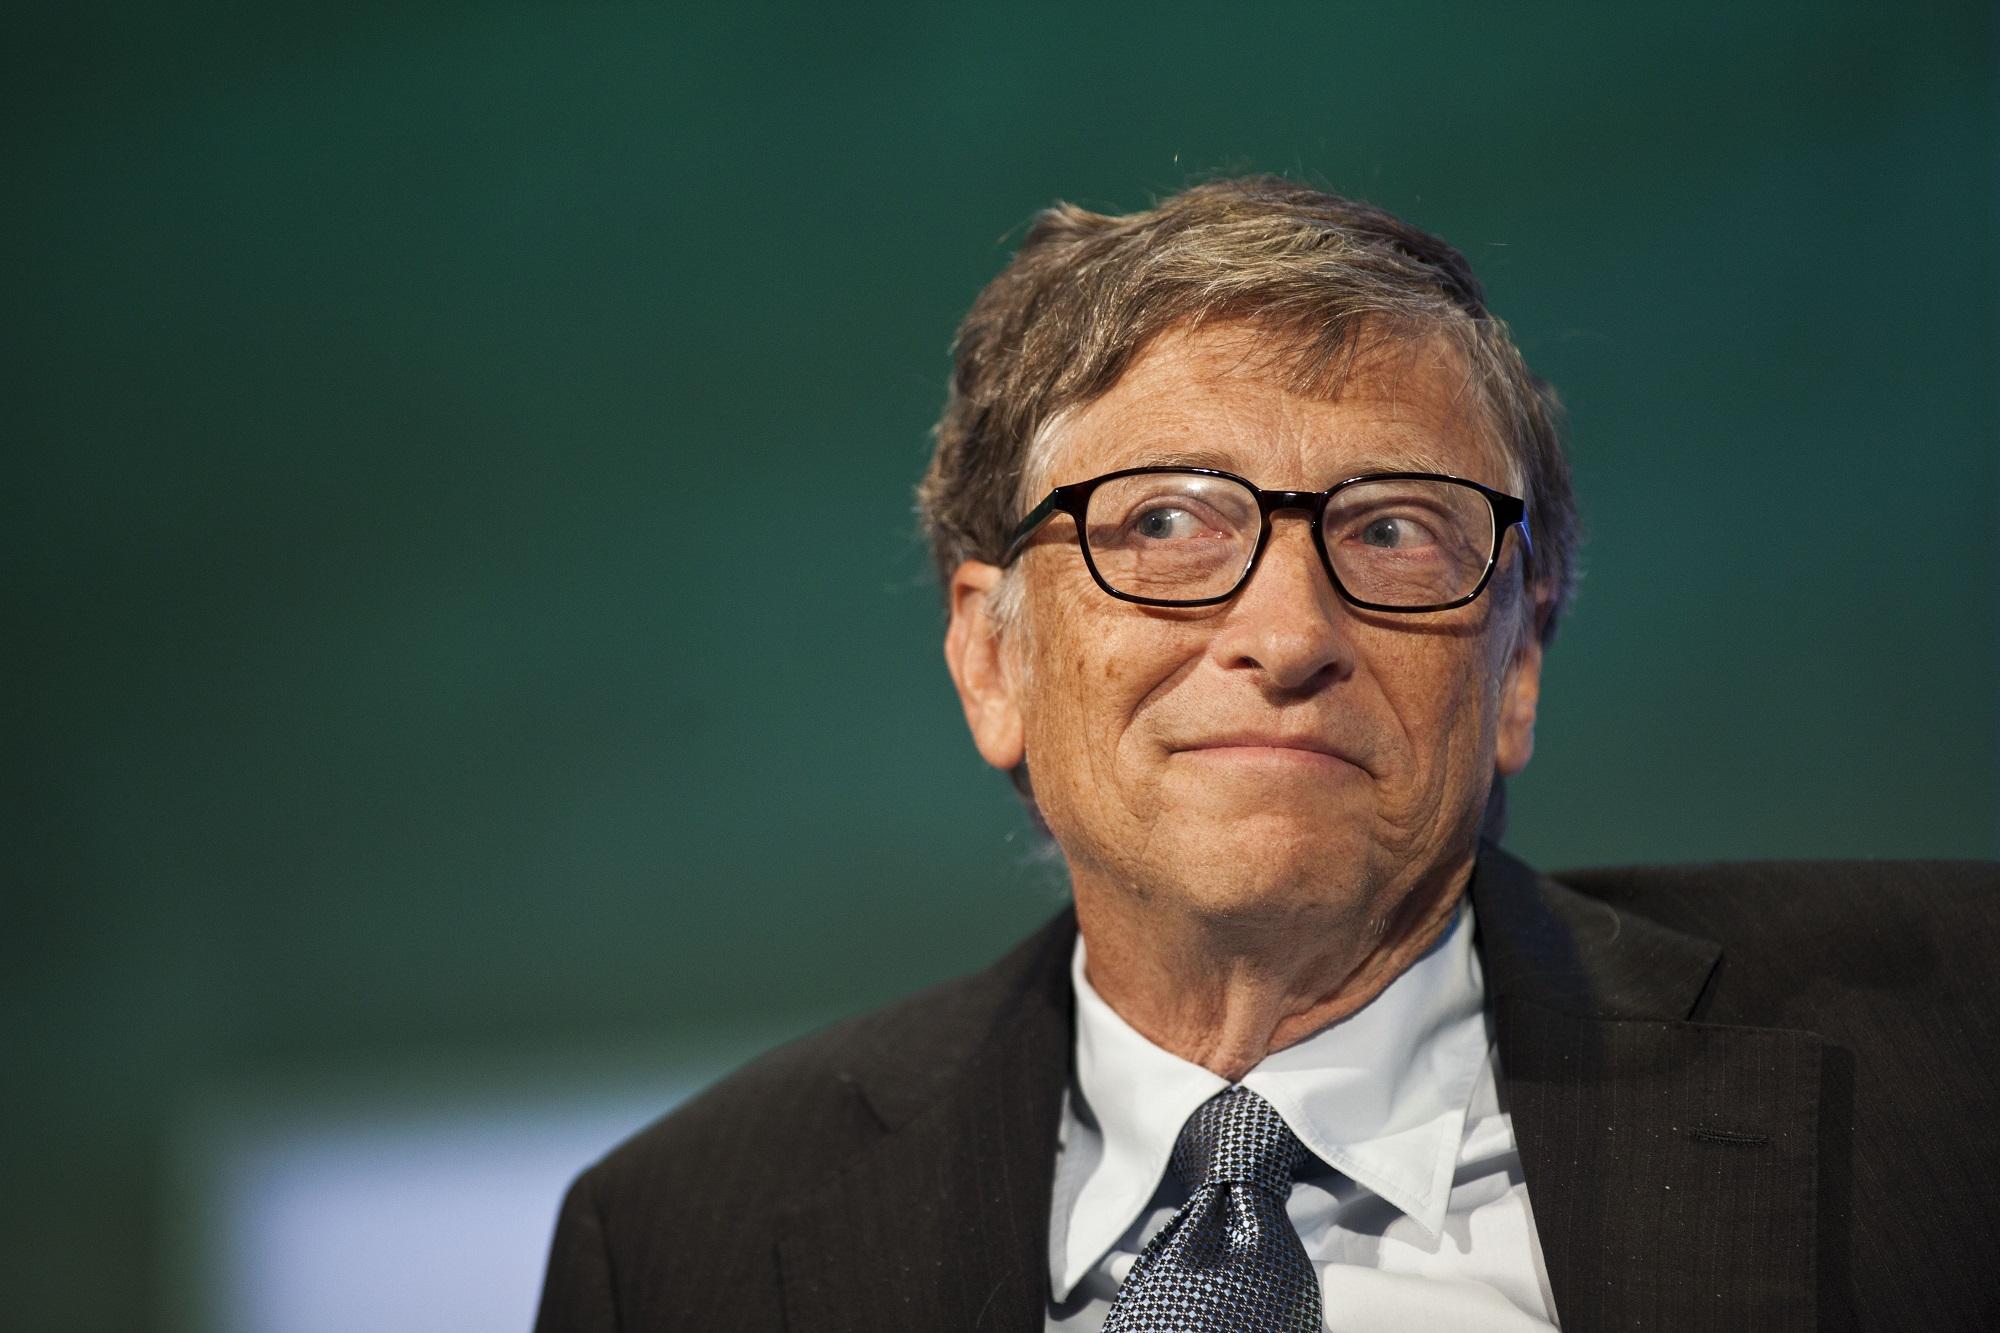 Bill-Gates-uomini-più-ricchi